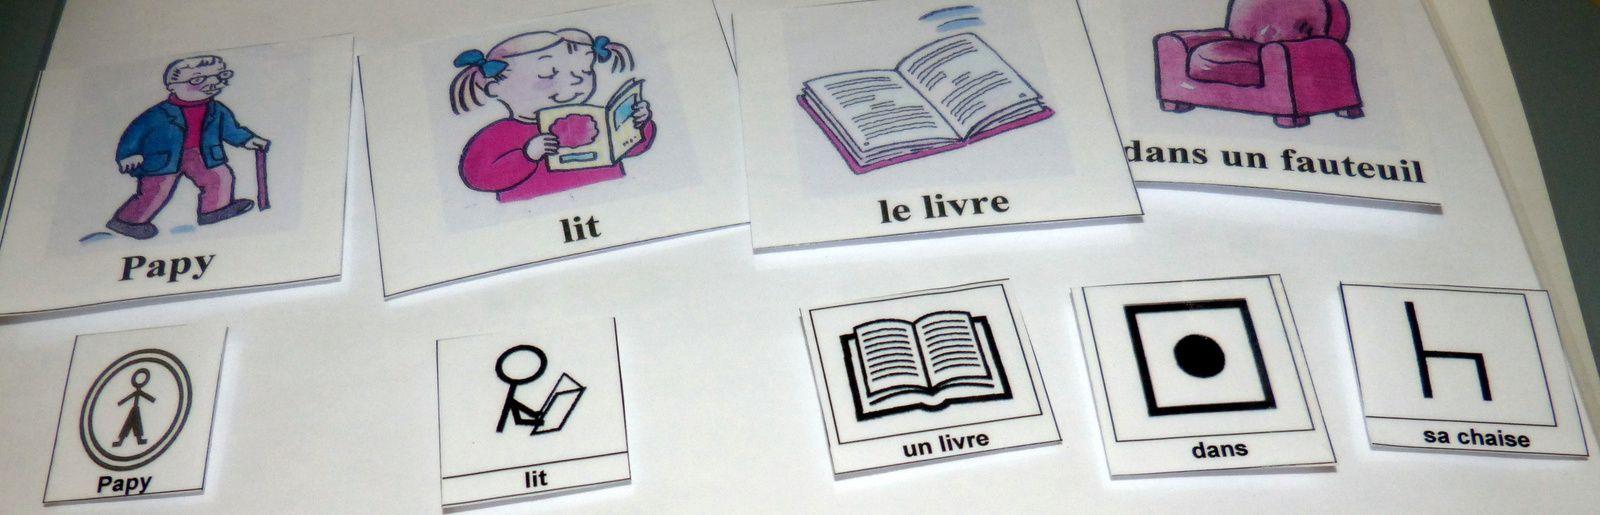 Trois exemples de phrases illustrées avec les pictogrammes